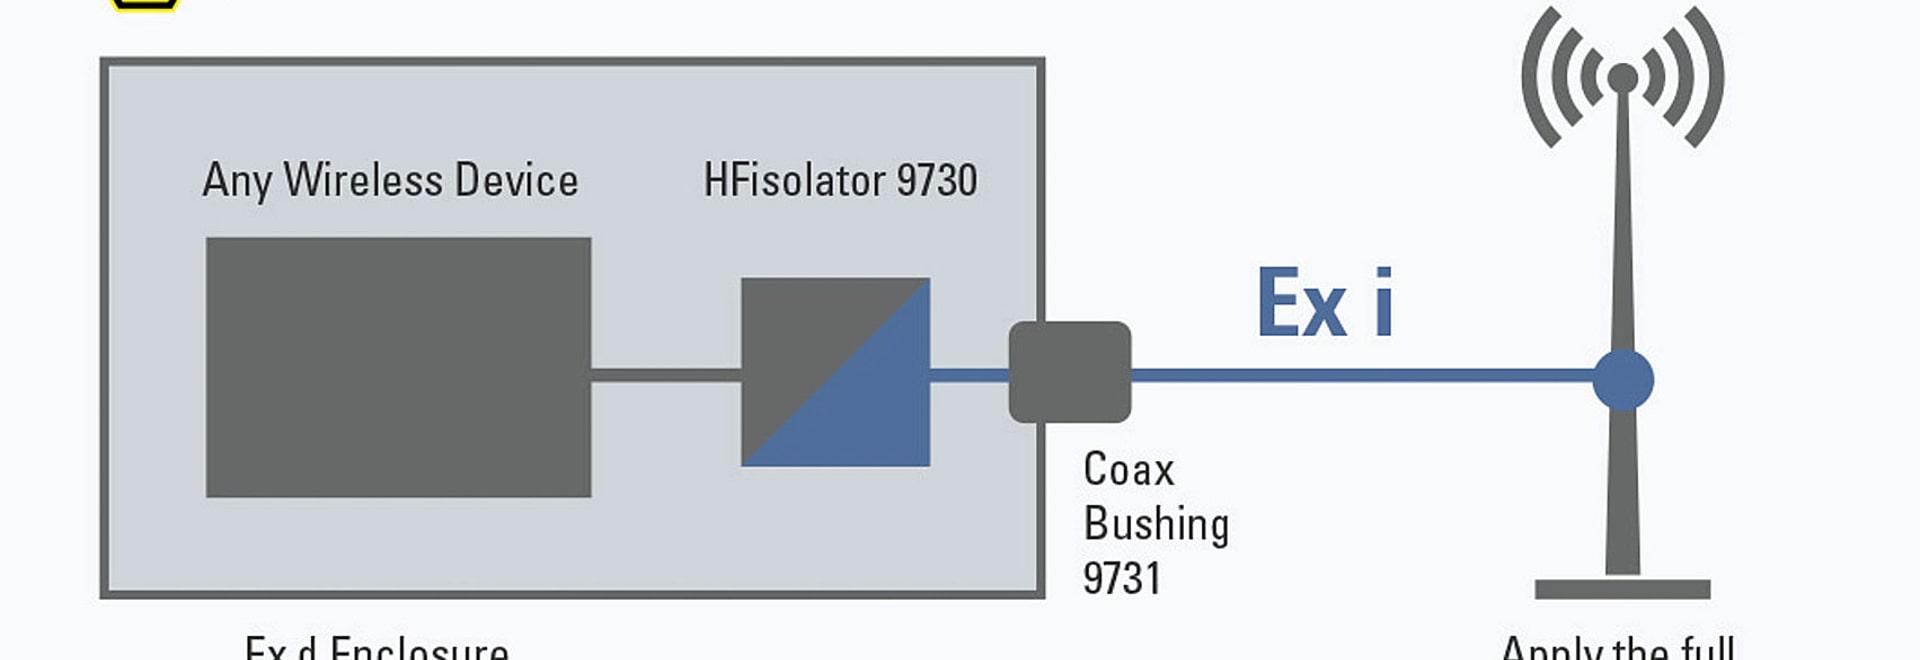 Funk im Ex-Bereich: HFisolator für beliebige Antennen